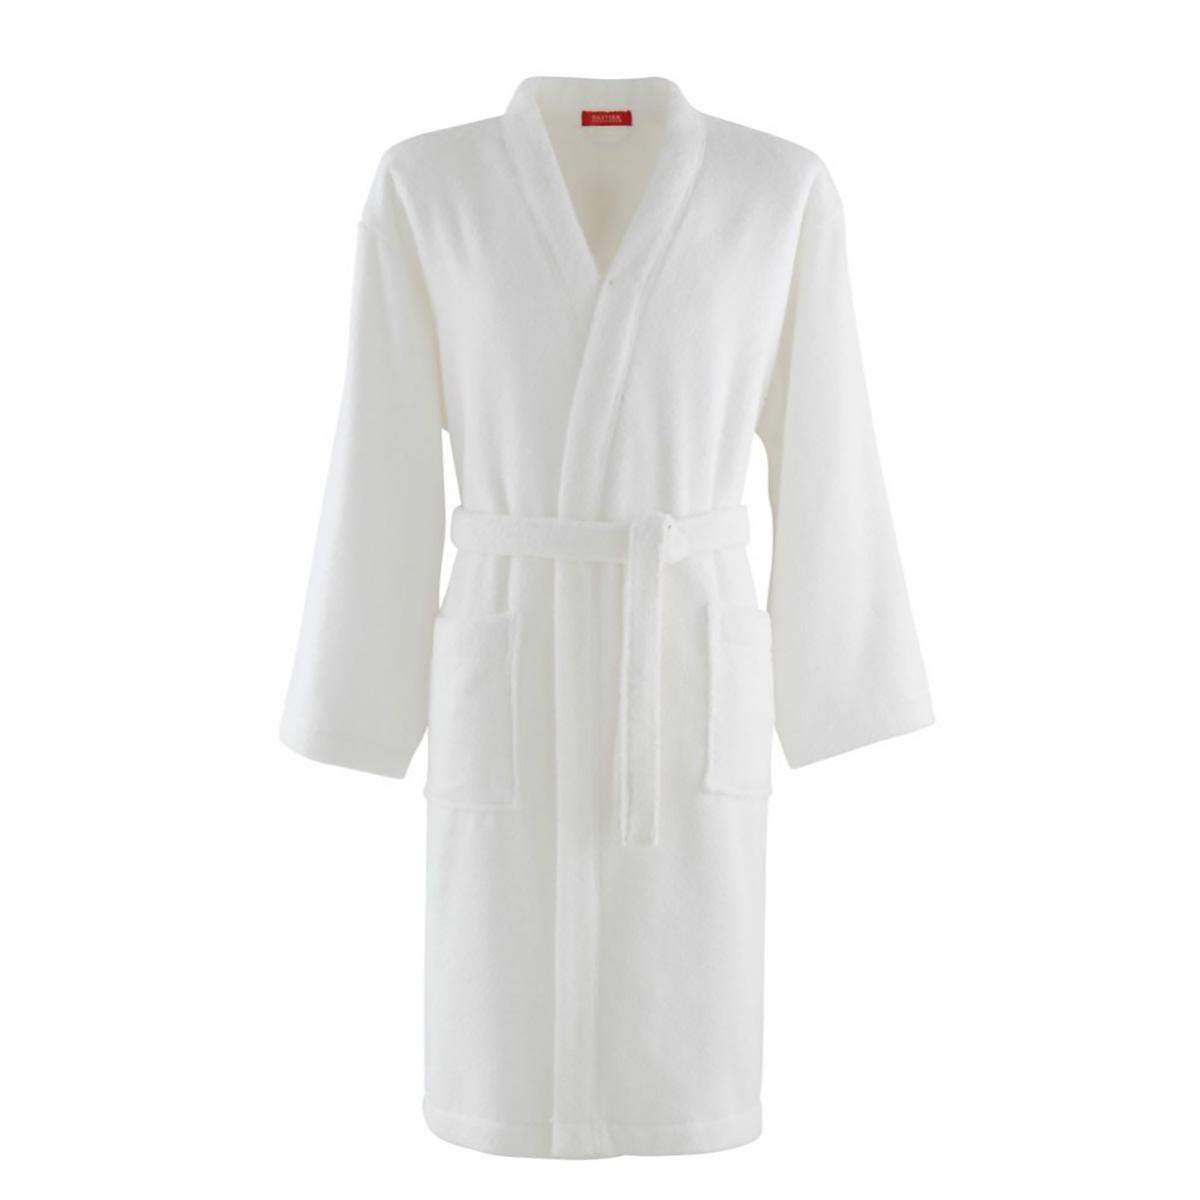 Kimono coton peigné Blanc XXL (photo)